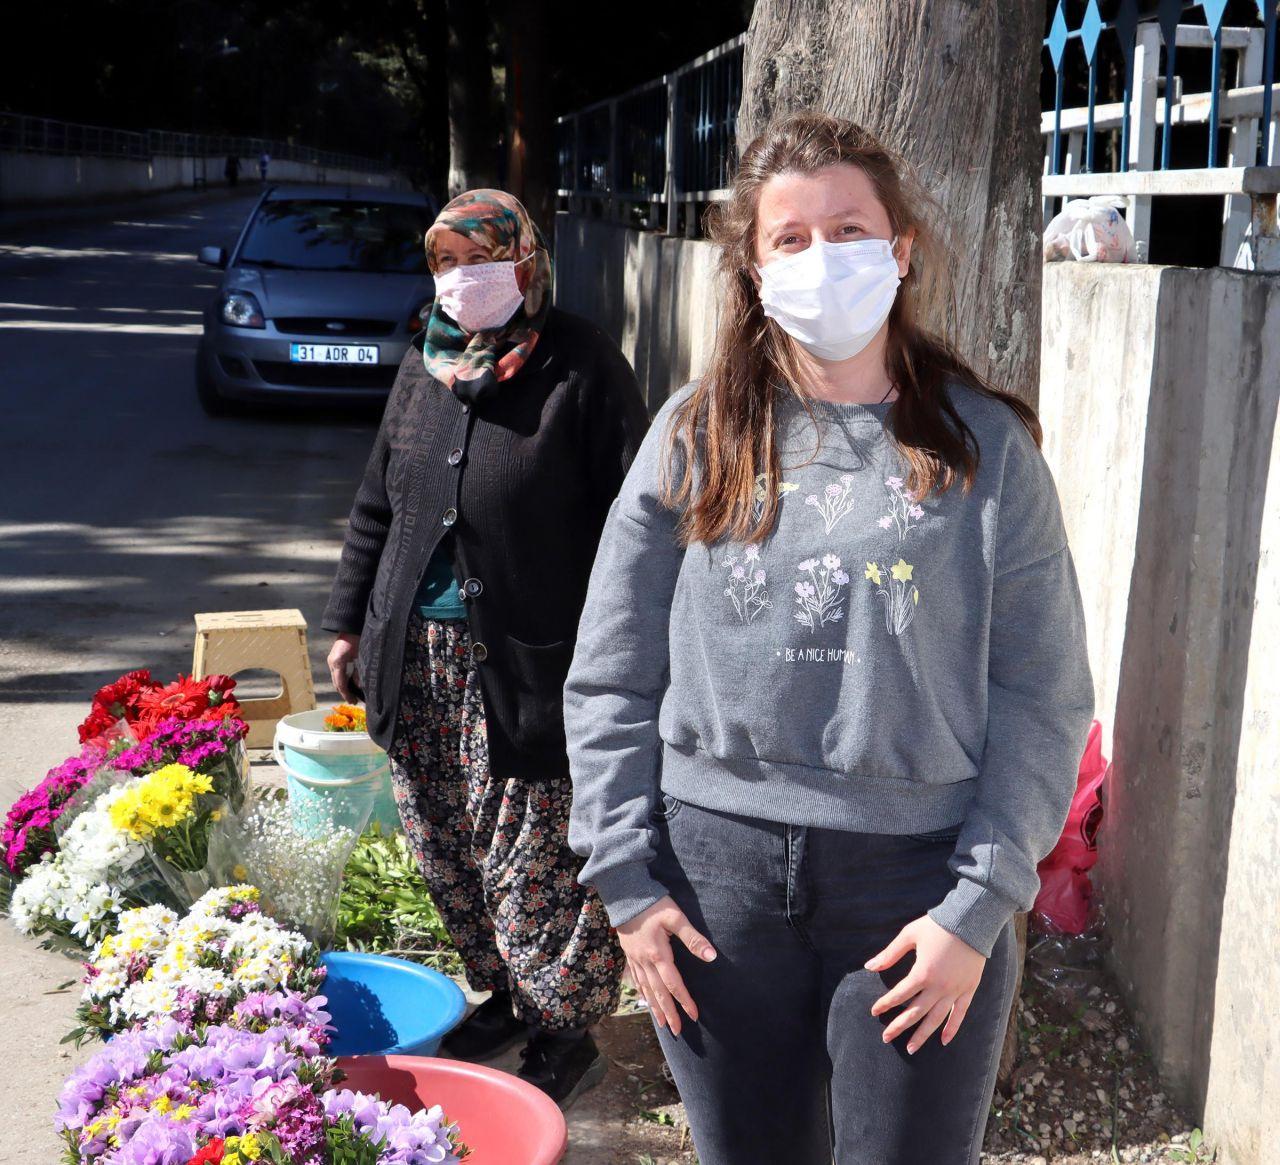 Kızı Oxford'da okuyor sanıyordu! Hatay'da mezarlık çiçekçisi anne yıkıldı